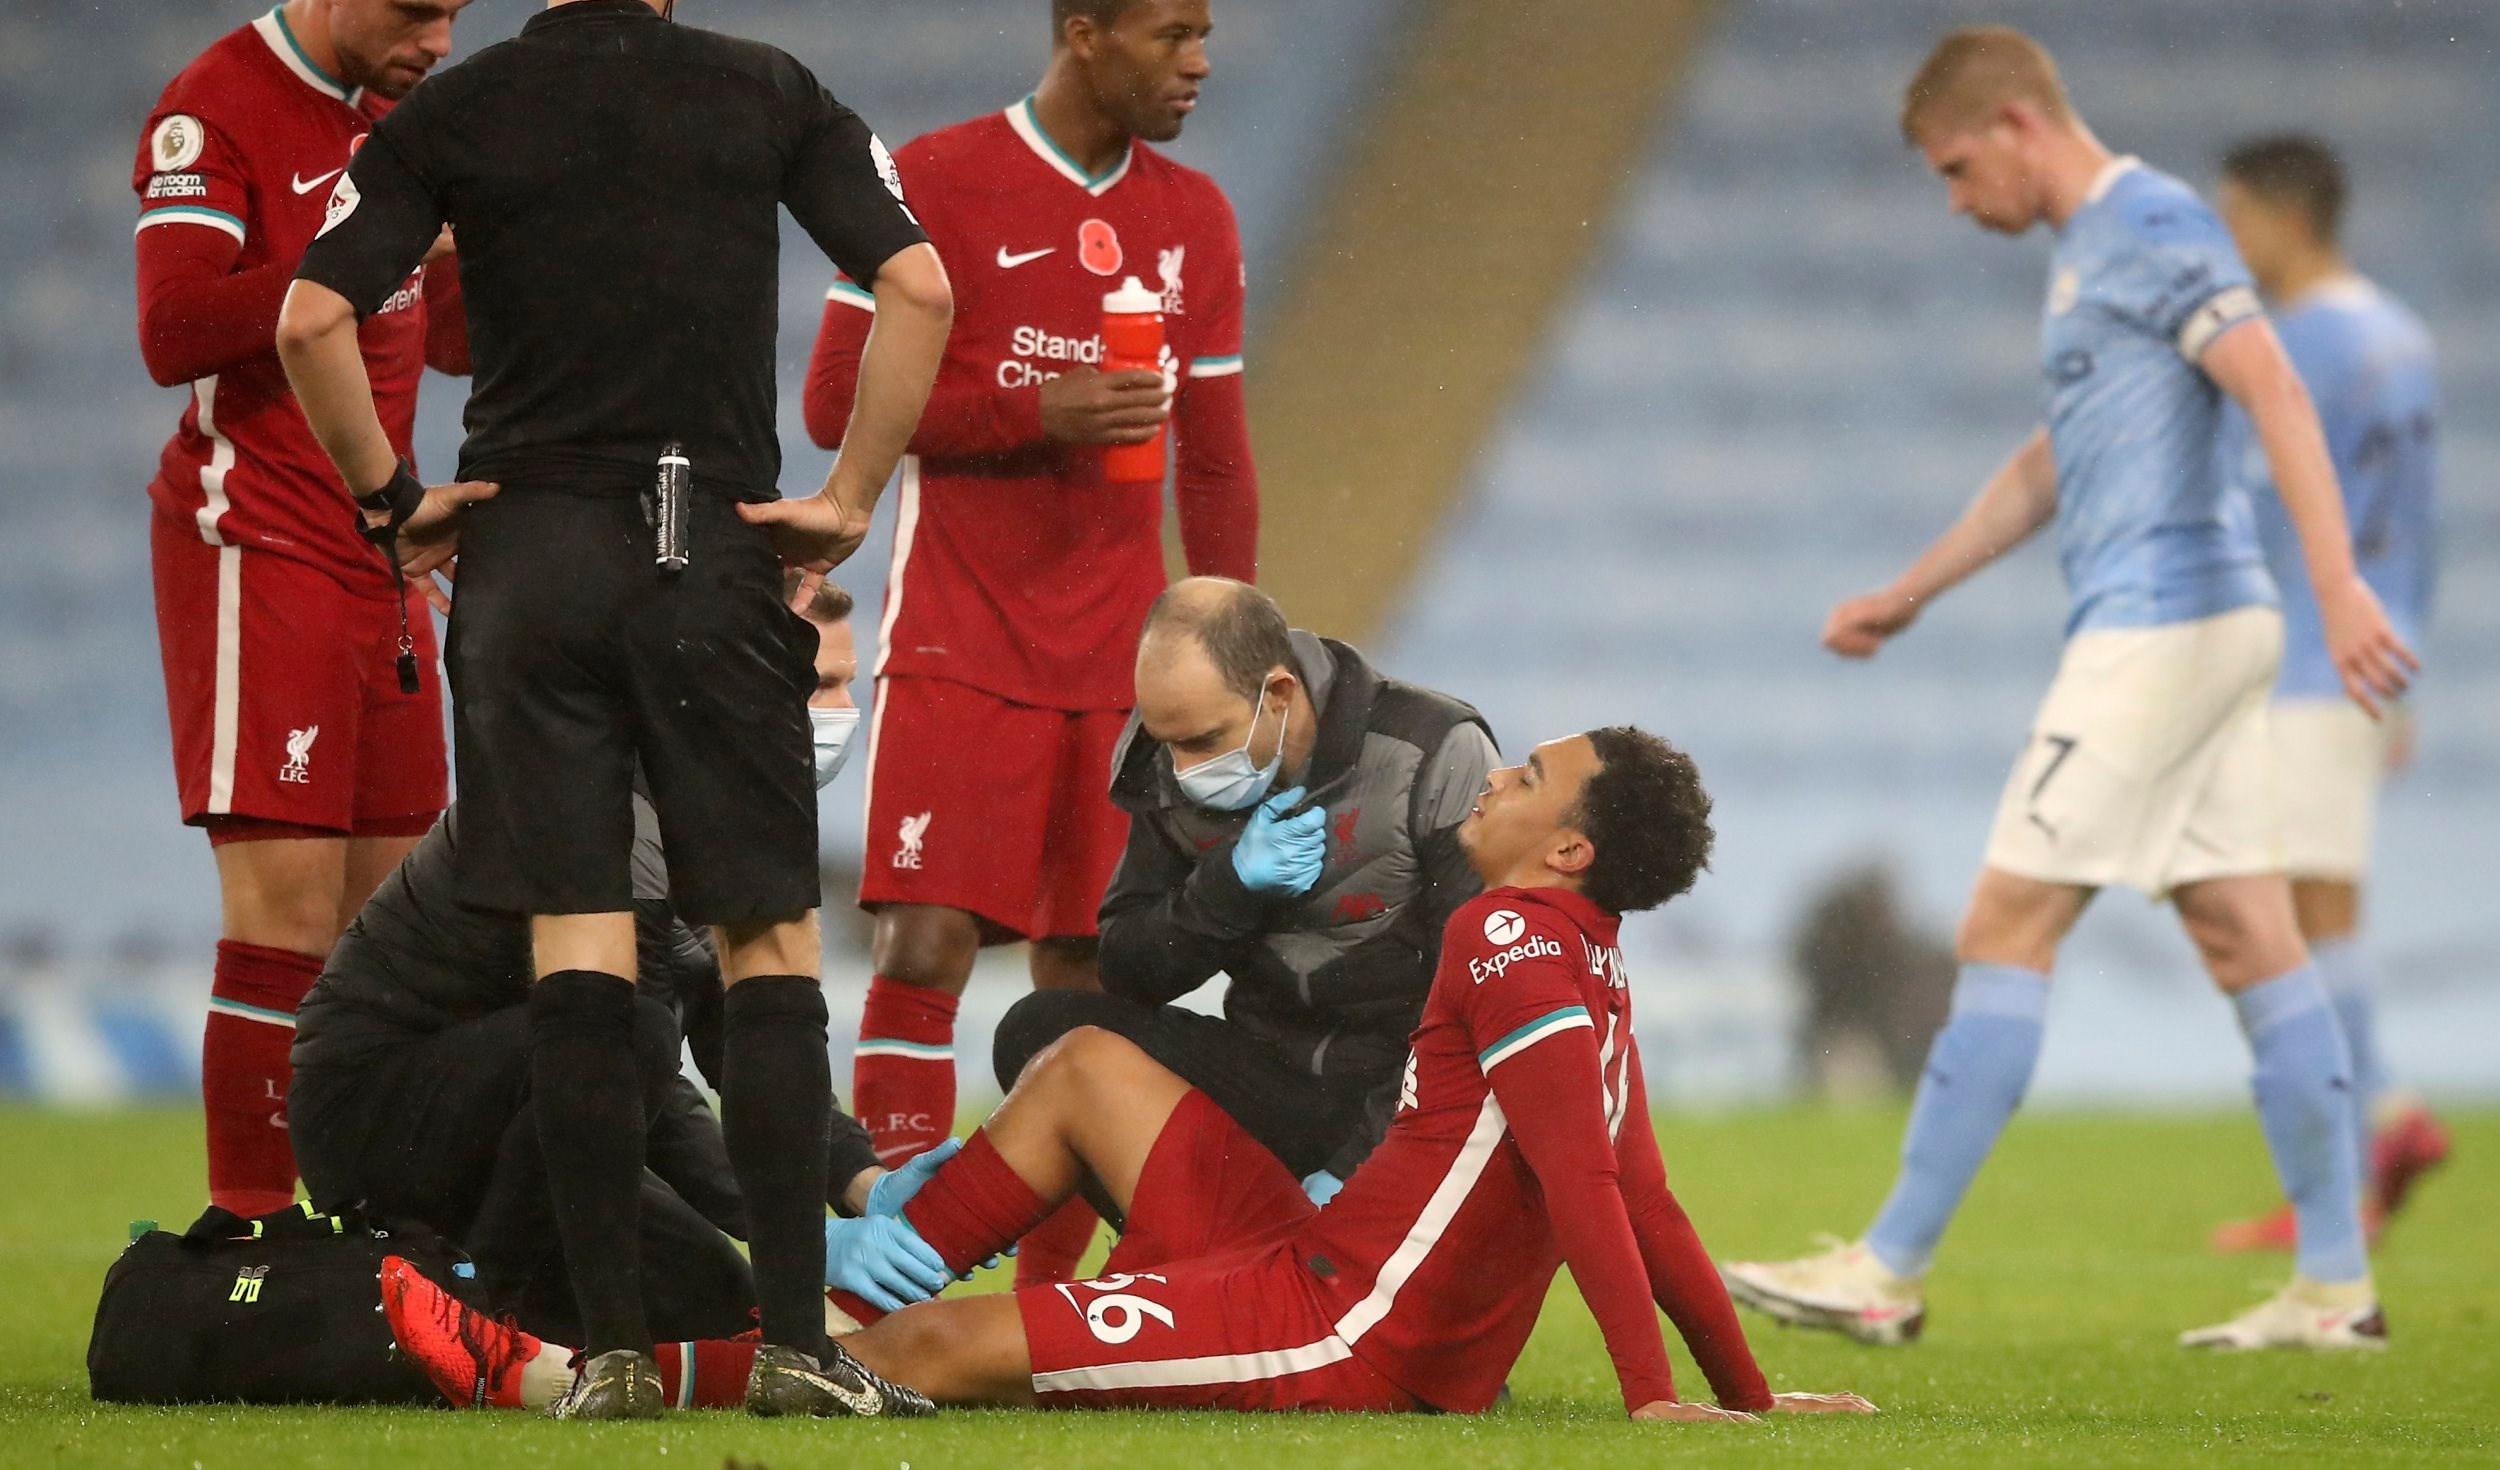 أرنولد لاعب ليفربول بعد تعرضه لاصابة في مباراة مانشستر سيتي